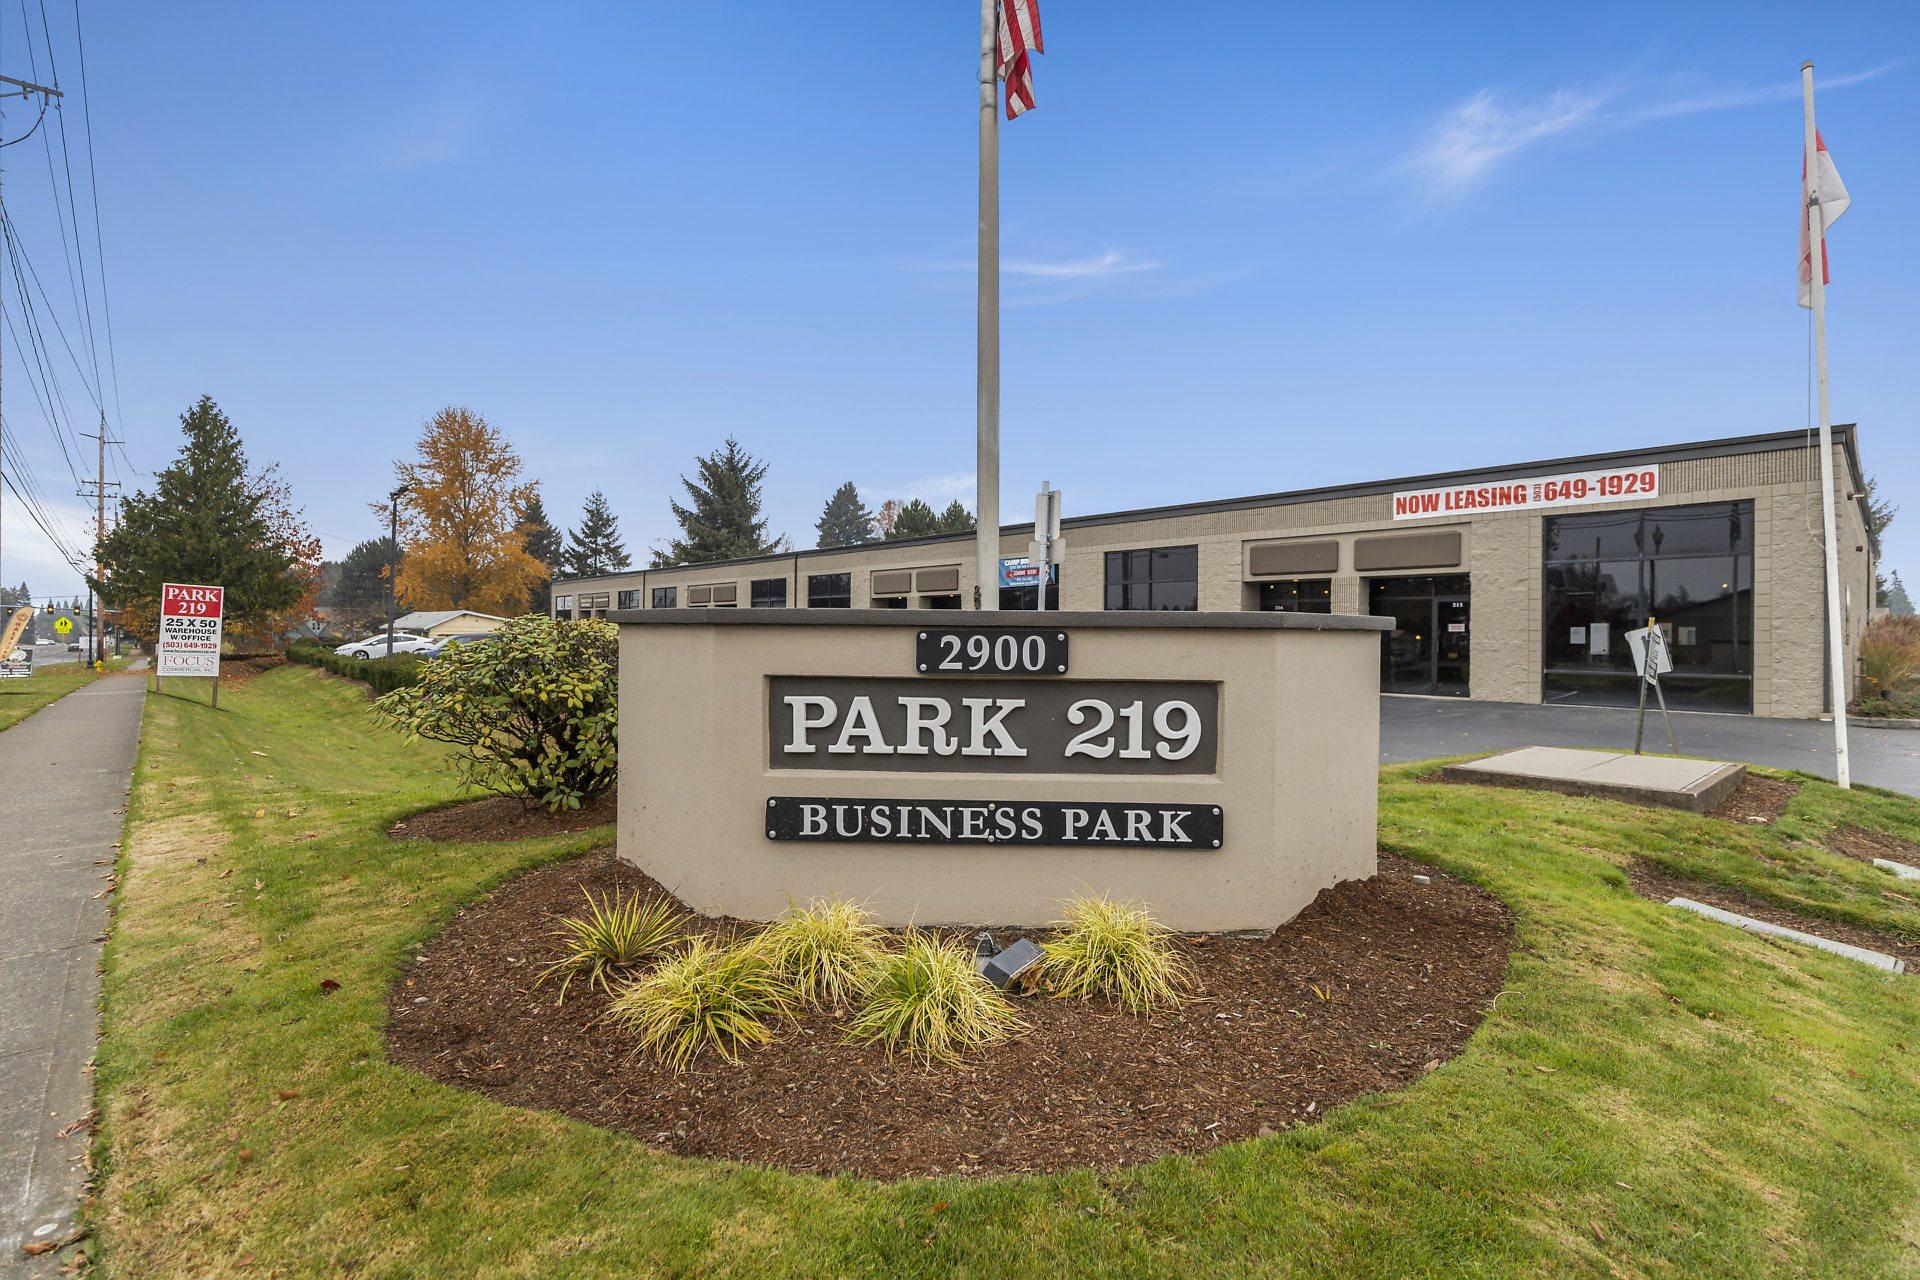 Park 219 Business Park Monument & Landscaping